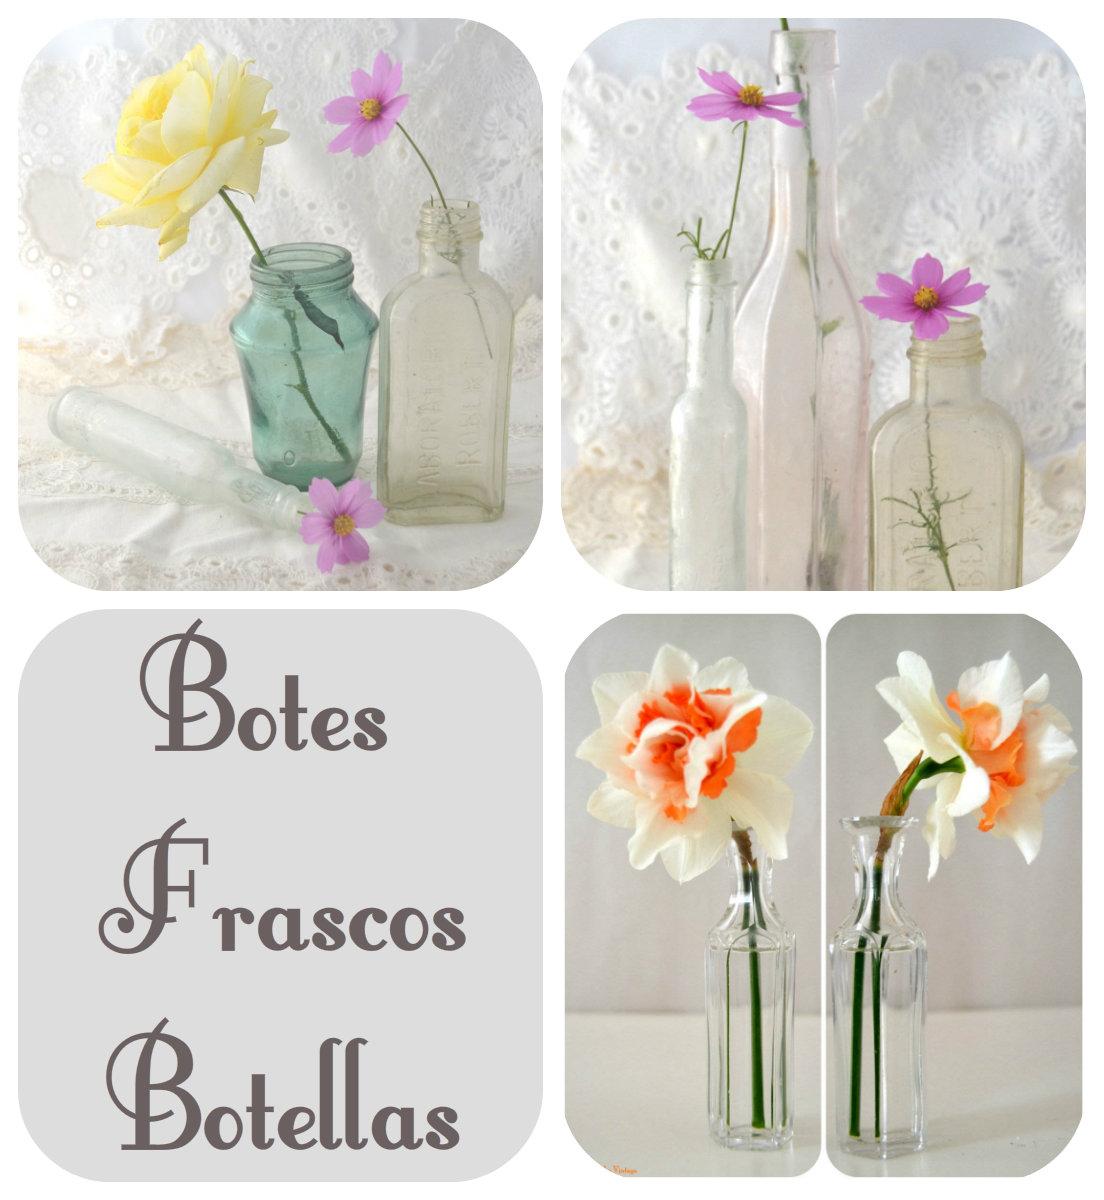 botellas, caja cristal, floreros de mesas, jarrones,copas, margaritas, rosas, centro flotante, botes metalicos, jarrars metalicas.